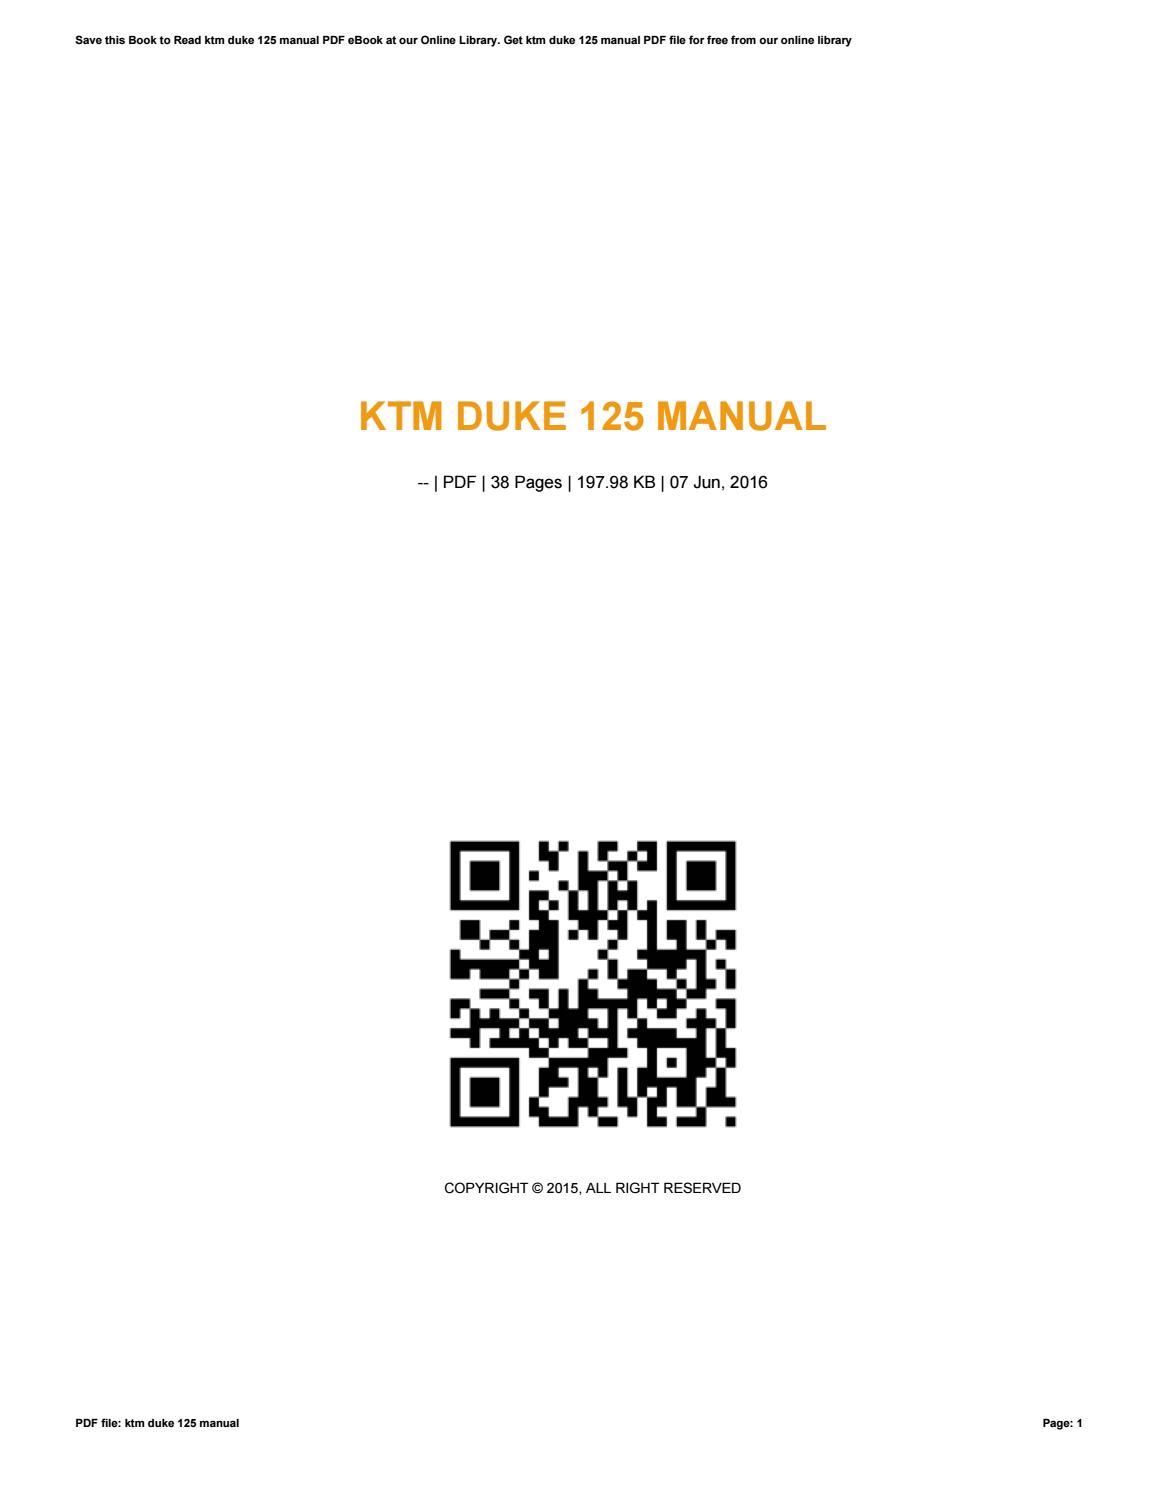 Ktm Duke 125 Manual Pdf Manual Books